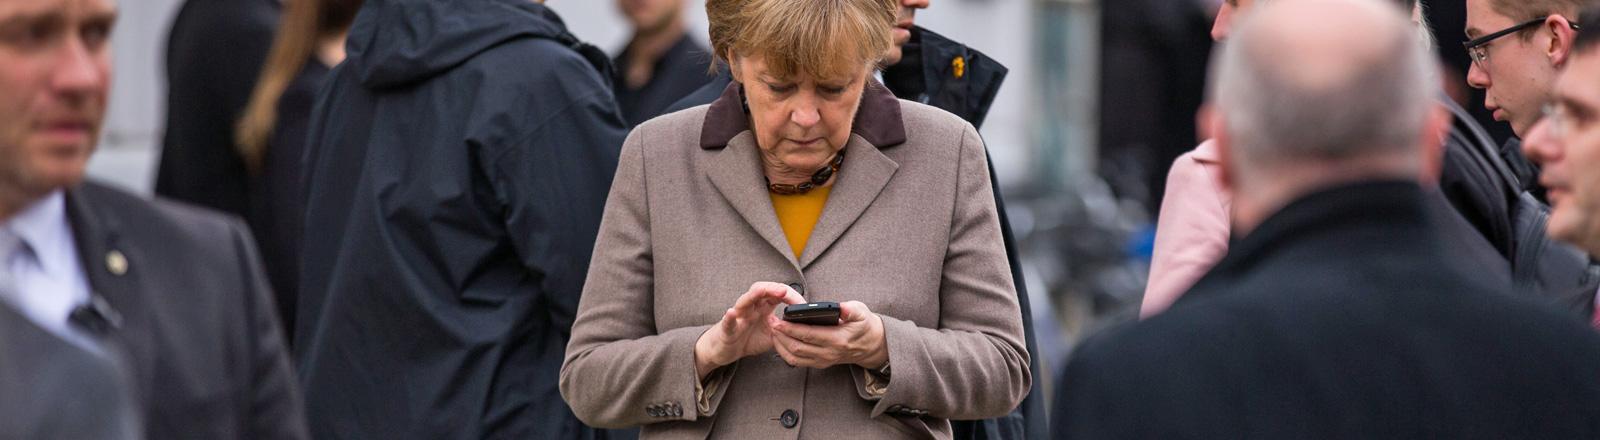 Kanzlerin Angela Merkel tippt eine SMS auf ihrem Mobiltelefon, drumherum stehen Leute (03.11.2014); Bild: dpa